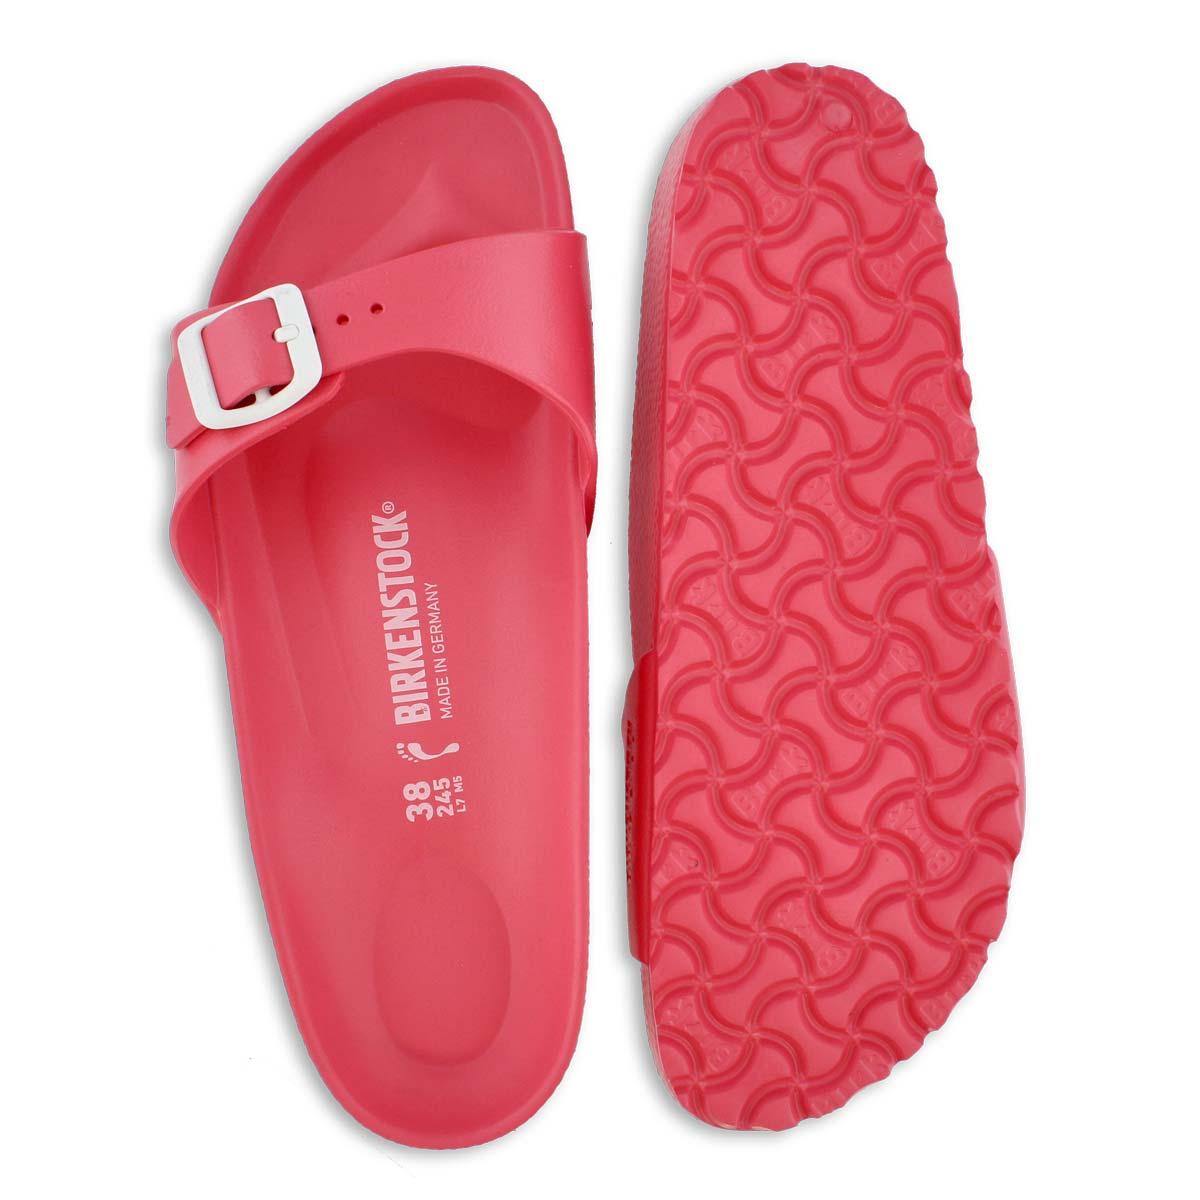 Lds Madrid crl EVA slide sandal - Narrow